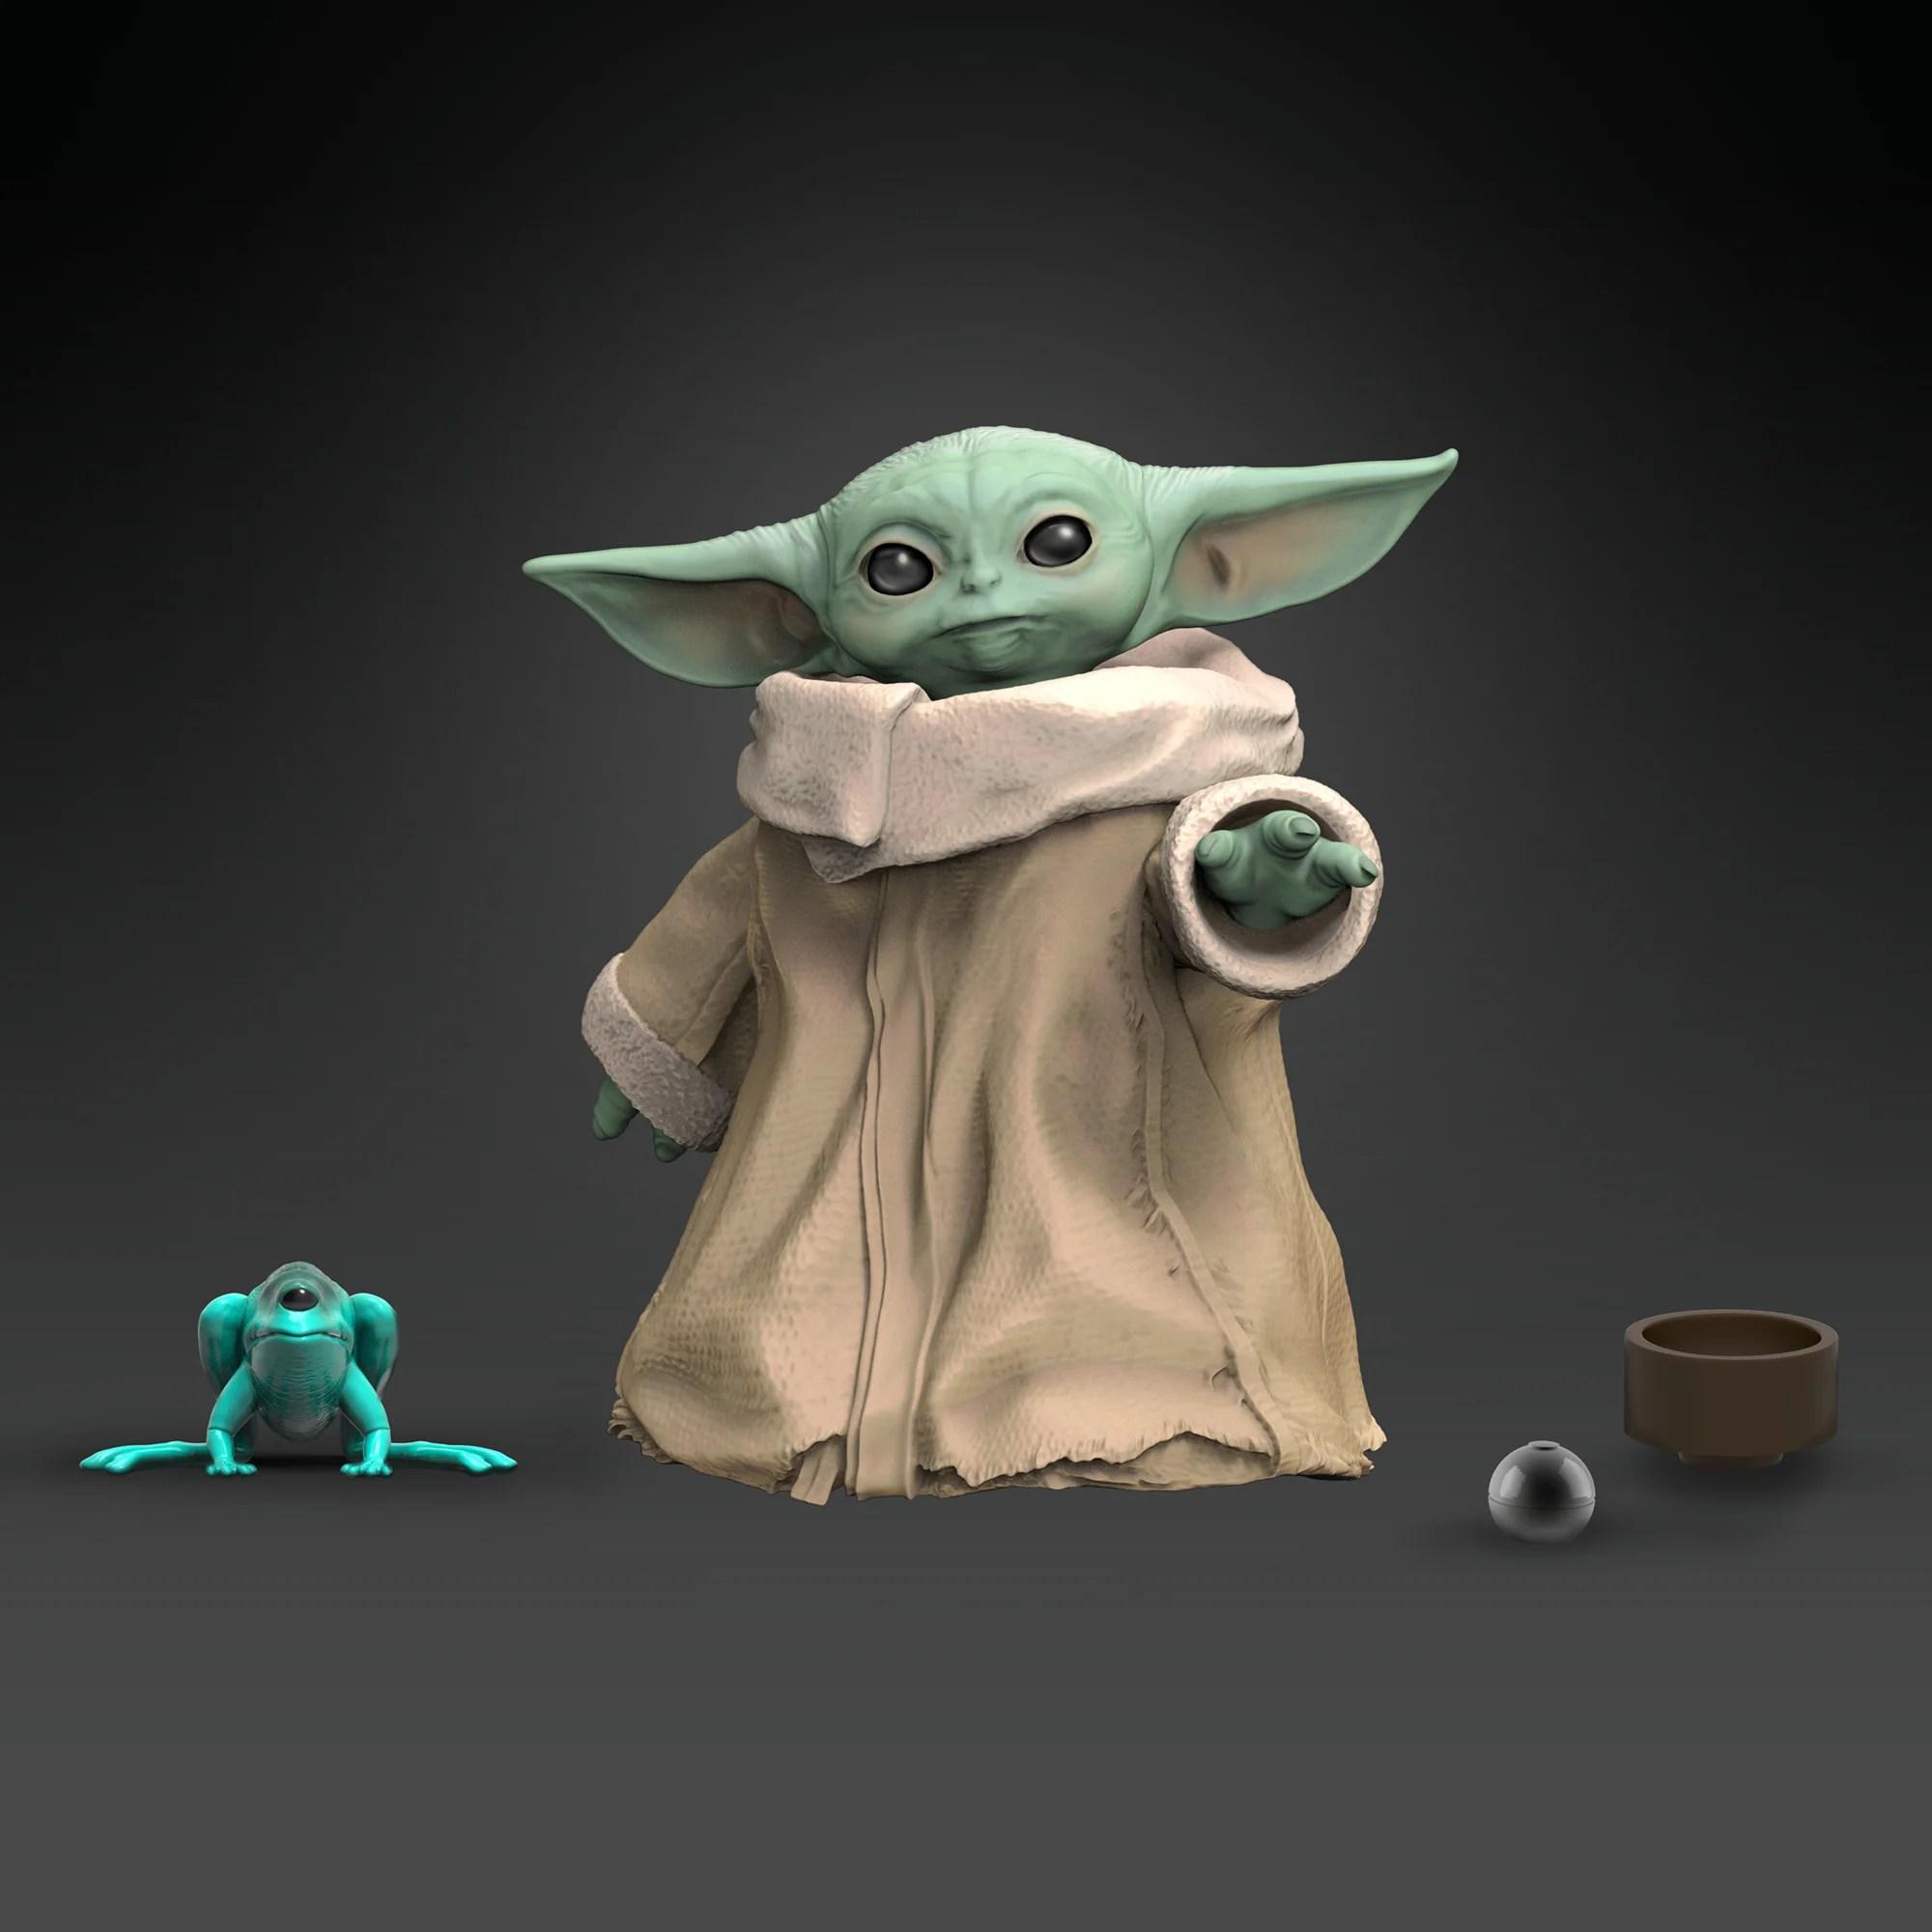 Hasbro Announces Spring Release For Baby Yoda Merchandise